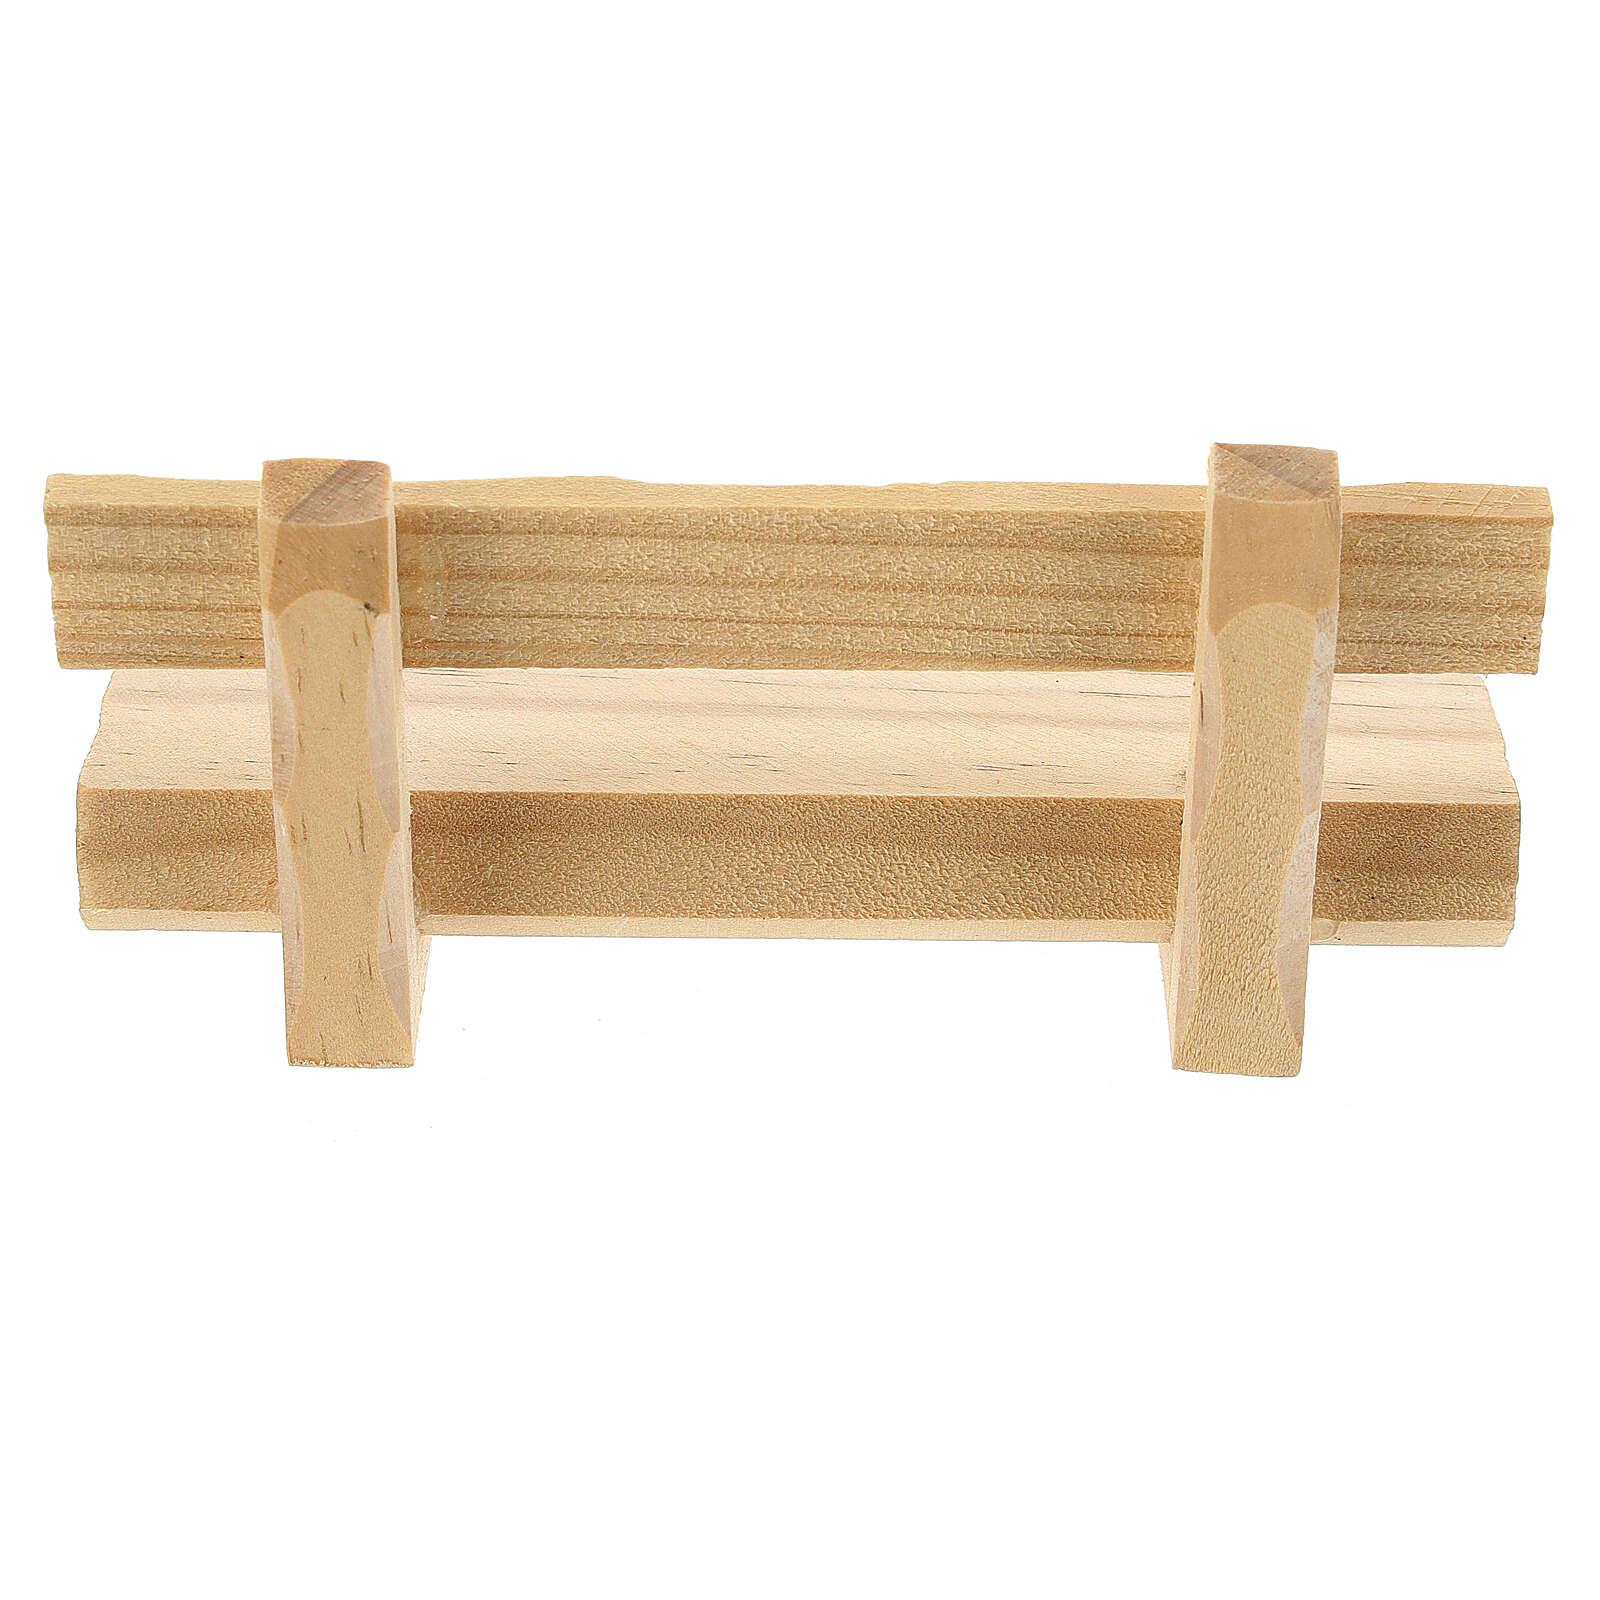 Panchina legno 5x10x5 cm presepe 10-12 cm 4